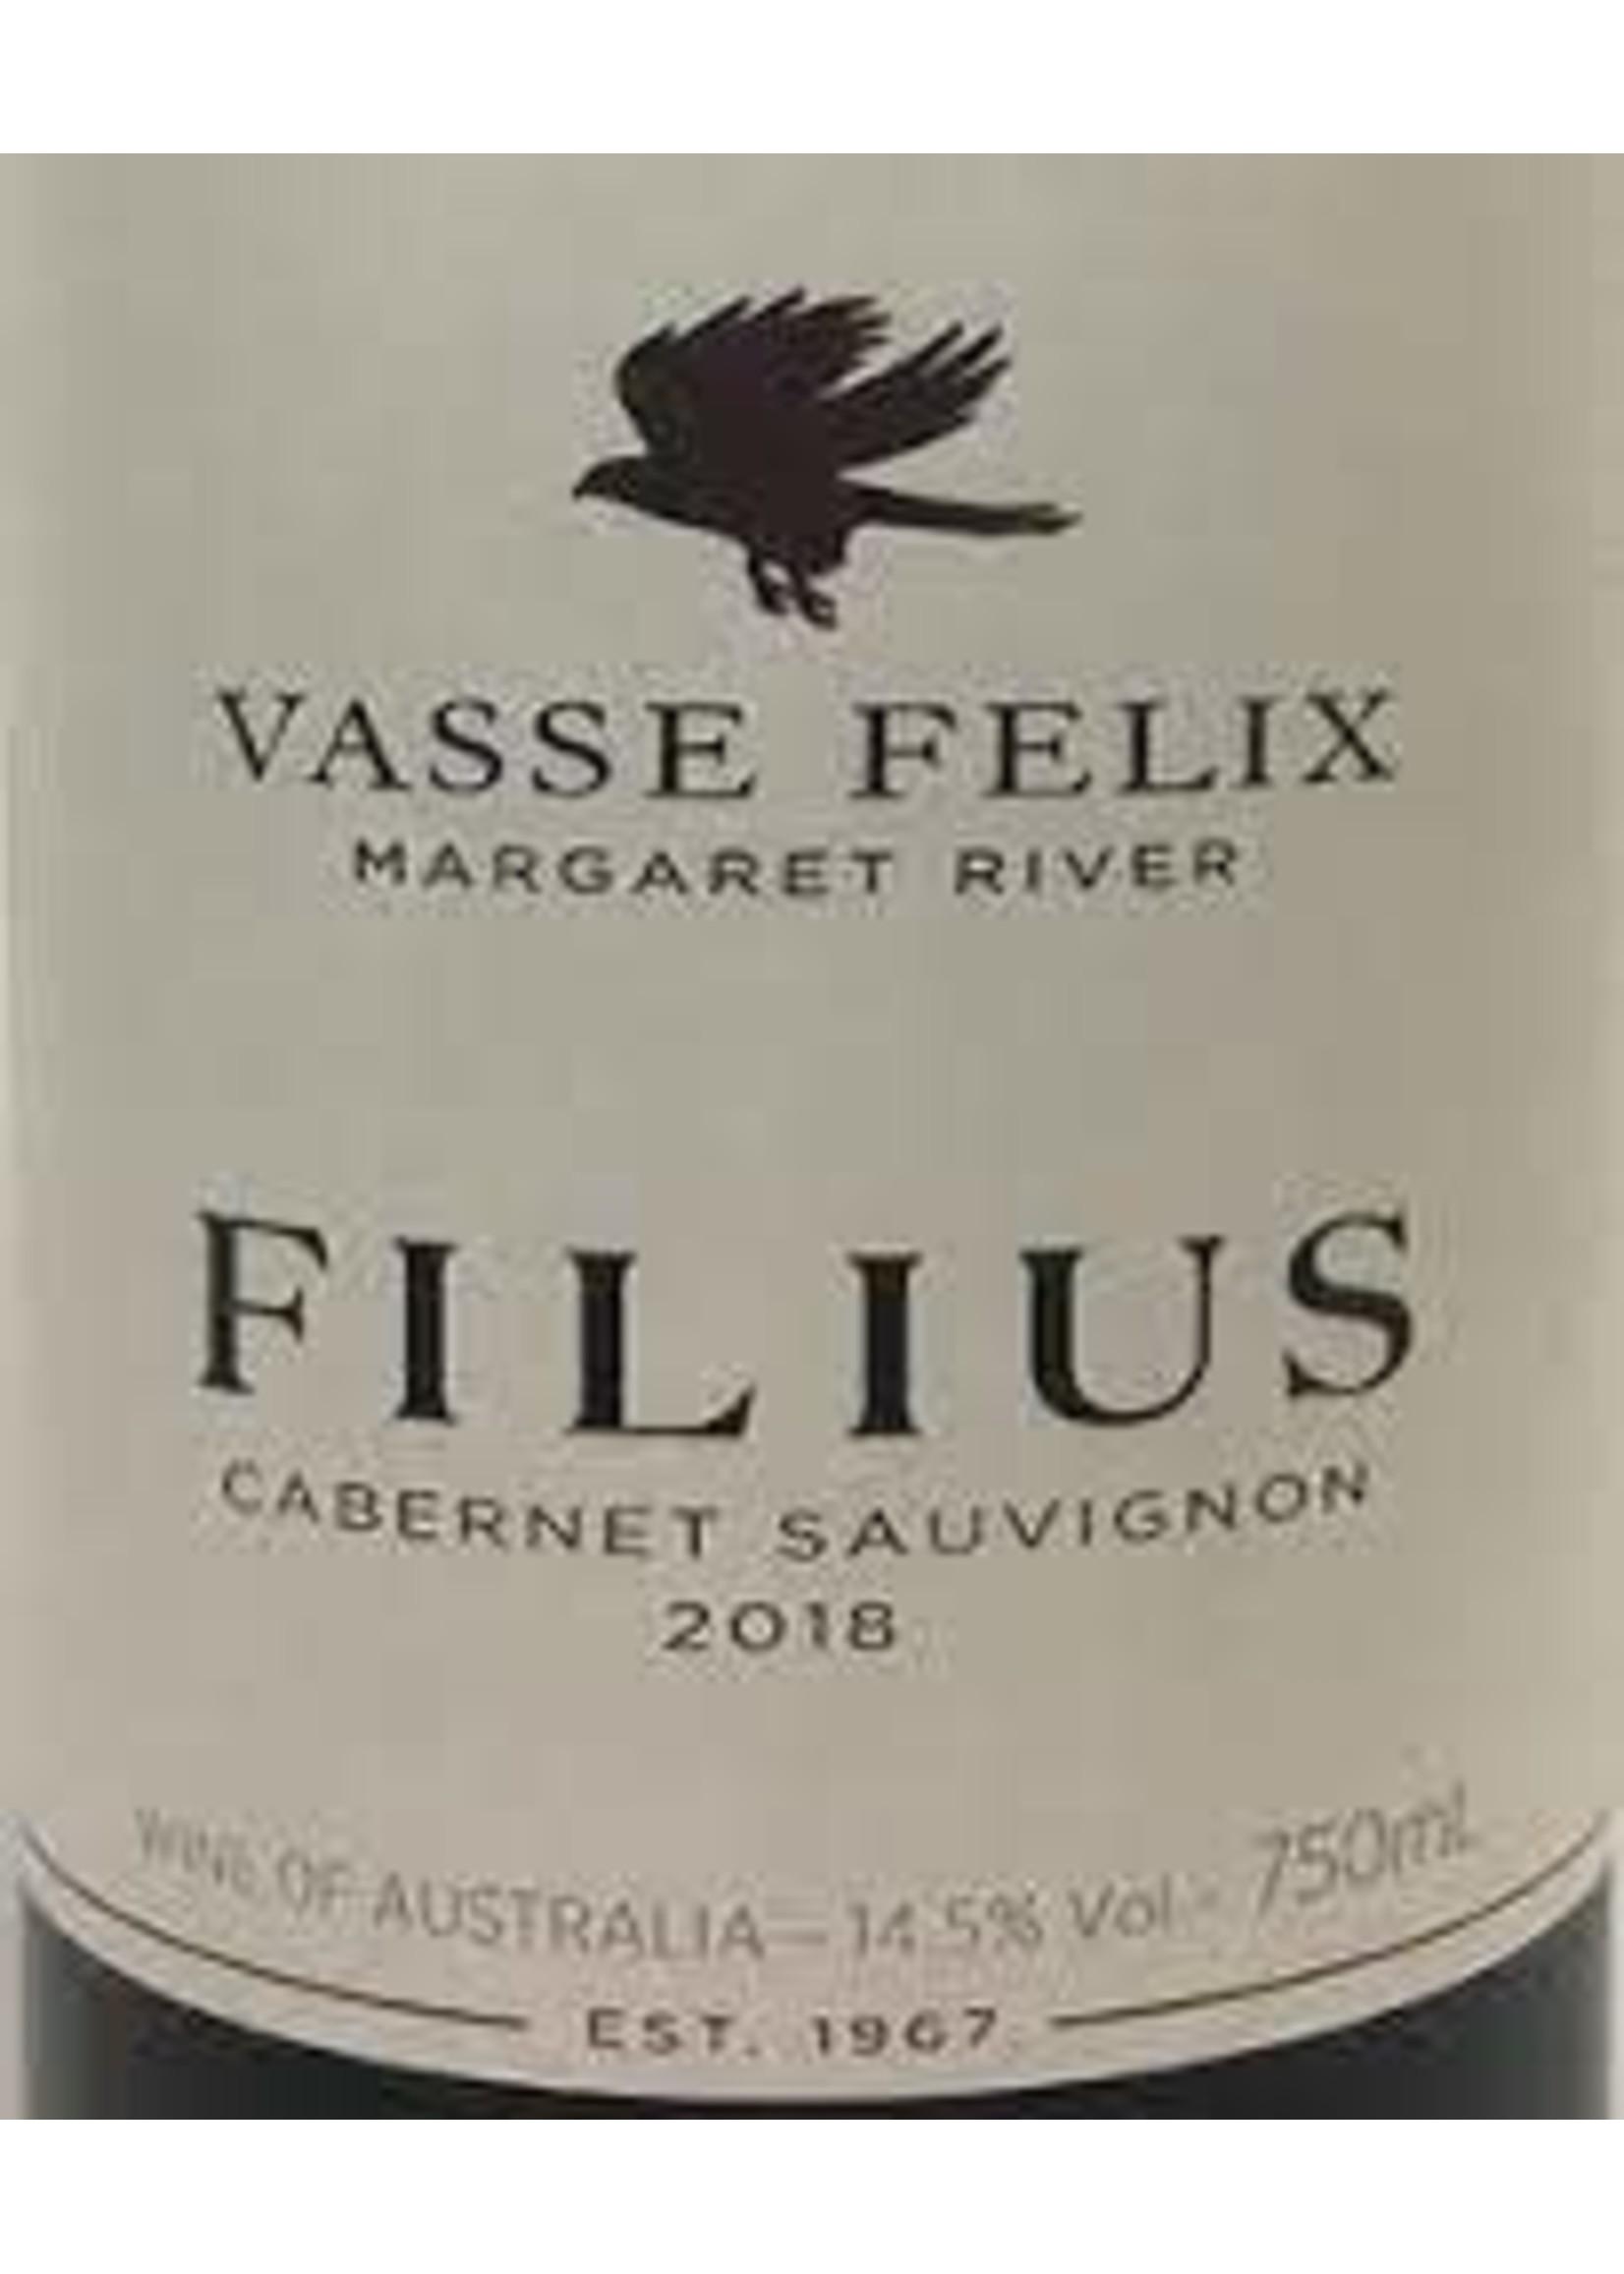 Vasse Felix 2018 Filius Cabernet Sauvignon 750ml